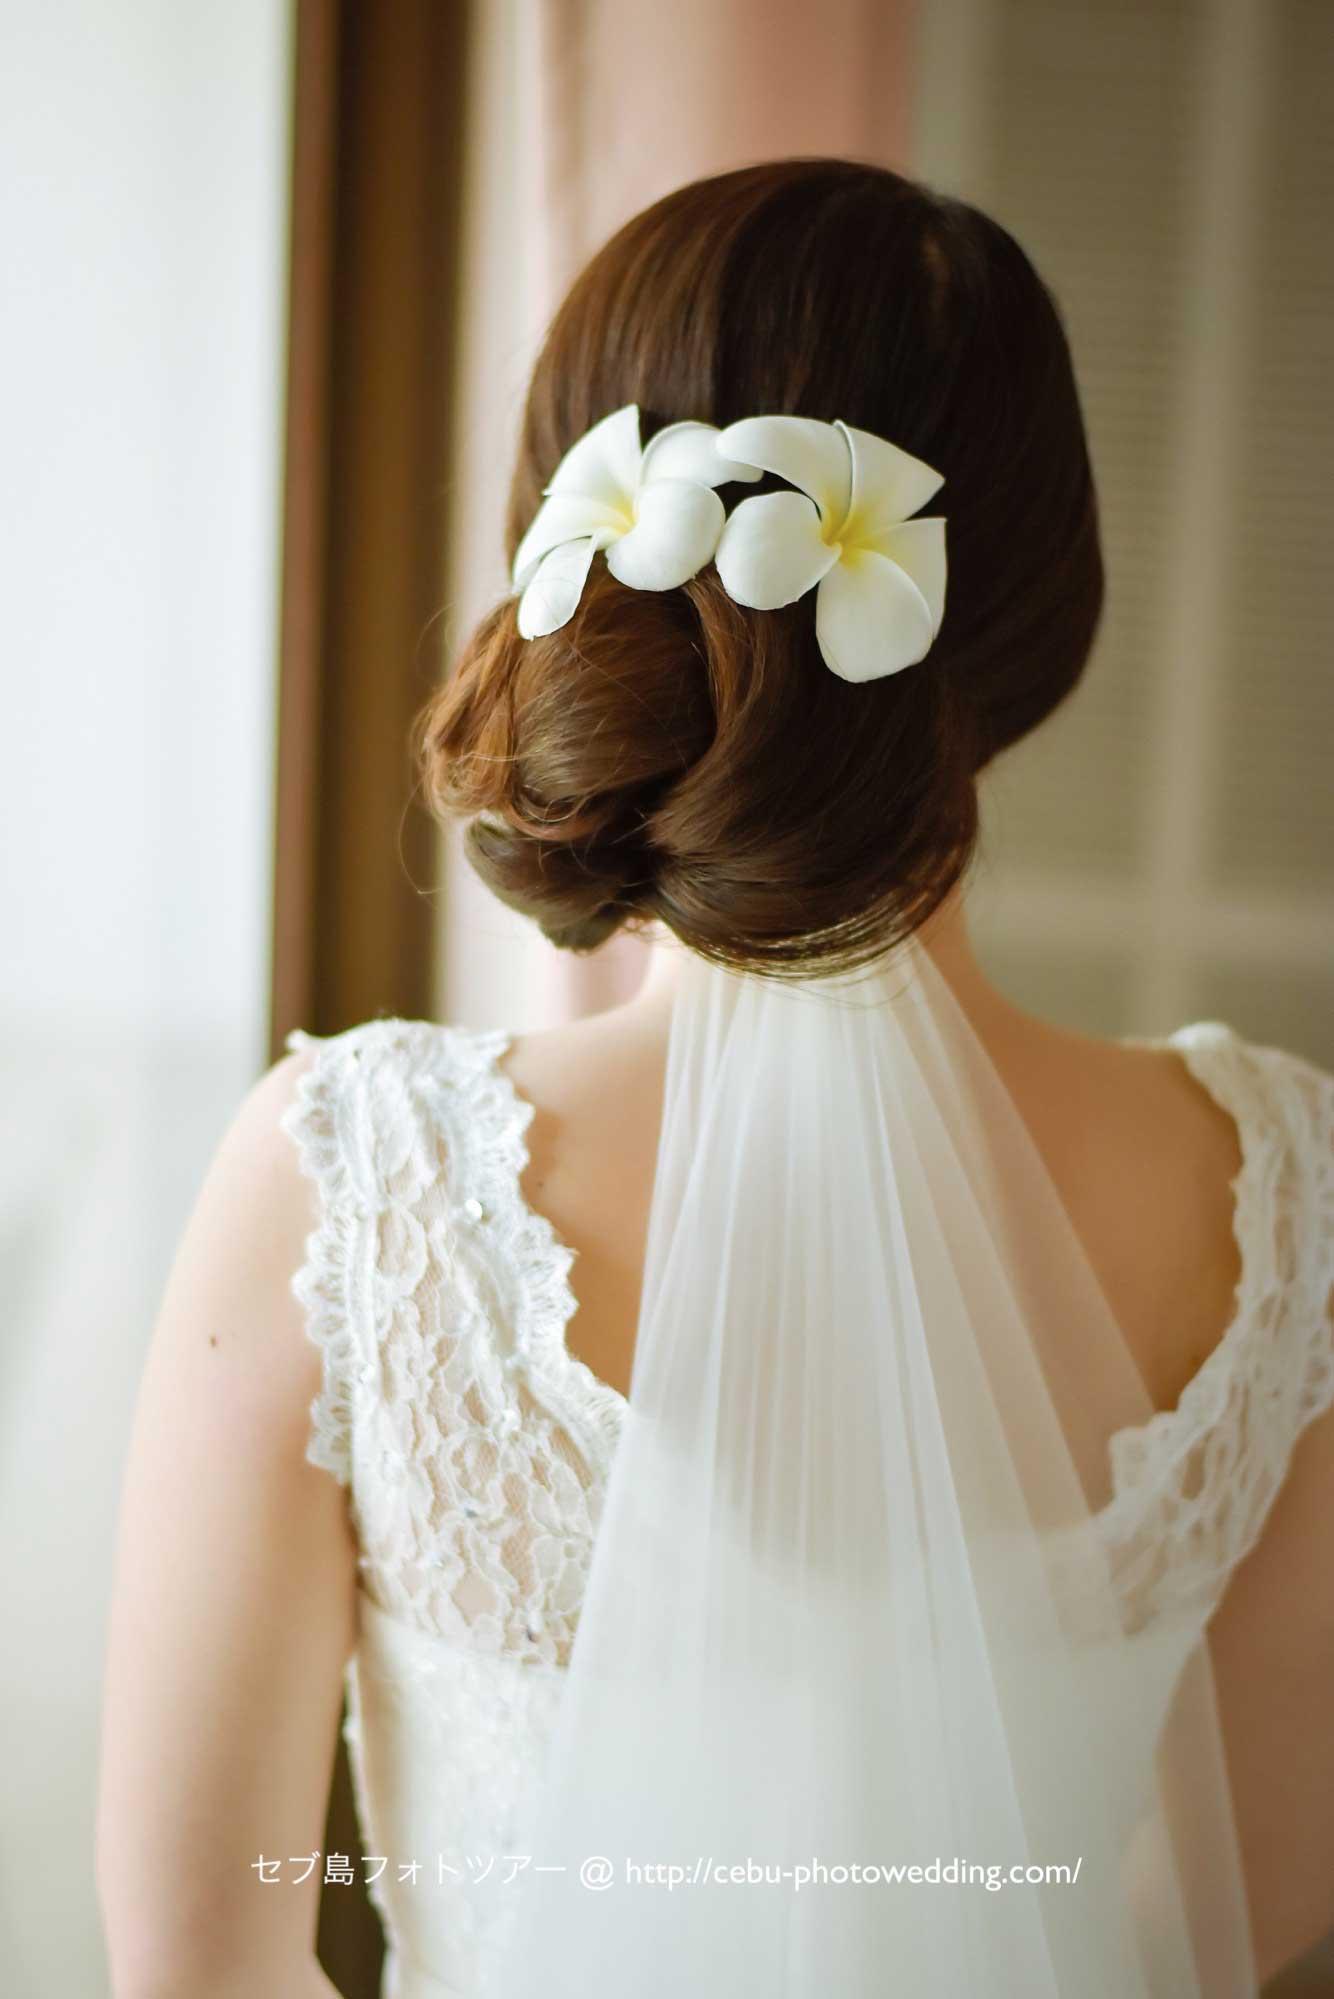 花嫁さまのヘアスタイルは気品あるツヤまとめ髪